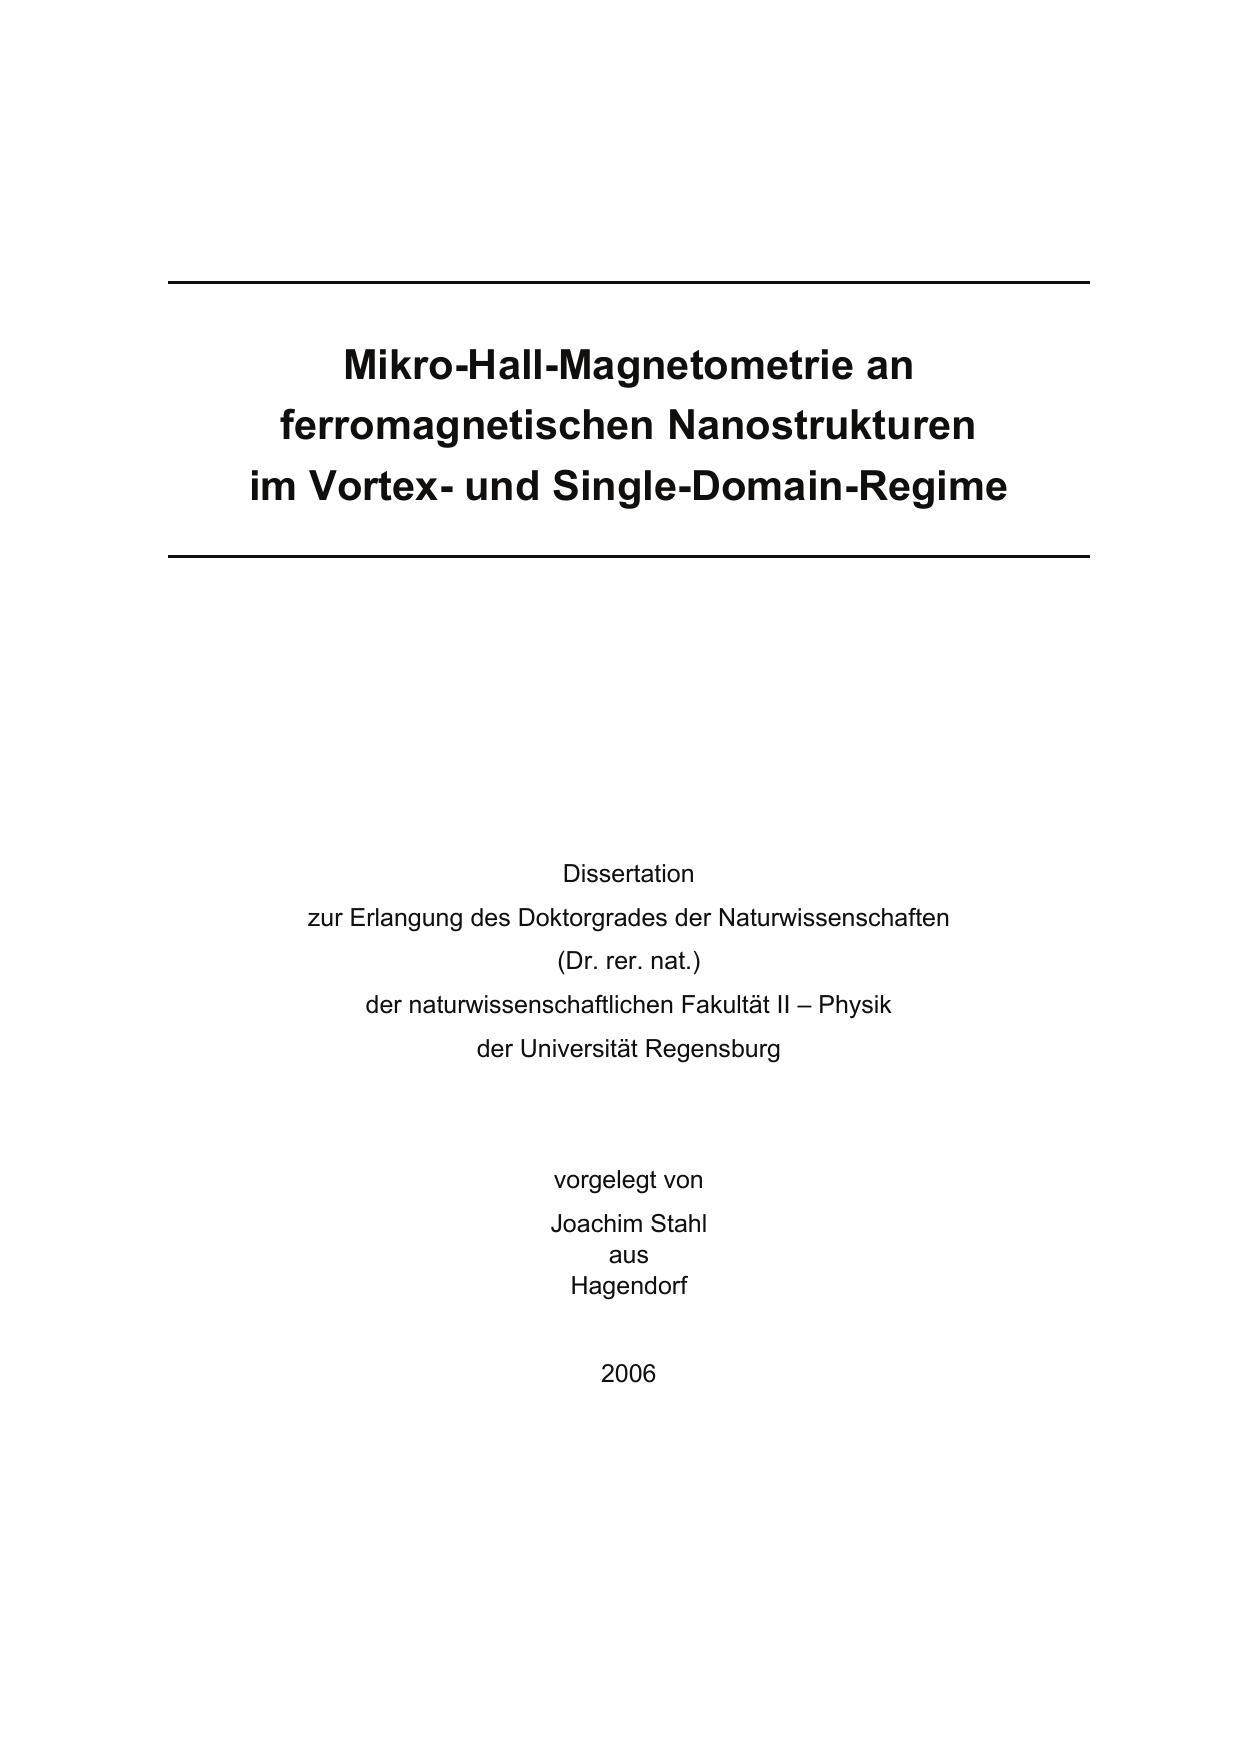 Mikro-Hall-Magnetometrie an ferromagnetischen Nanostrukturen im